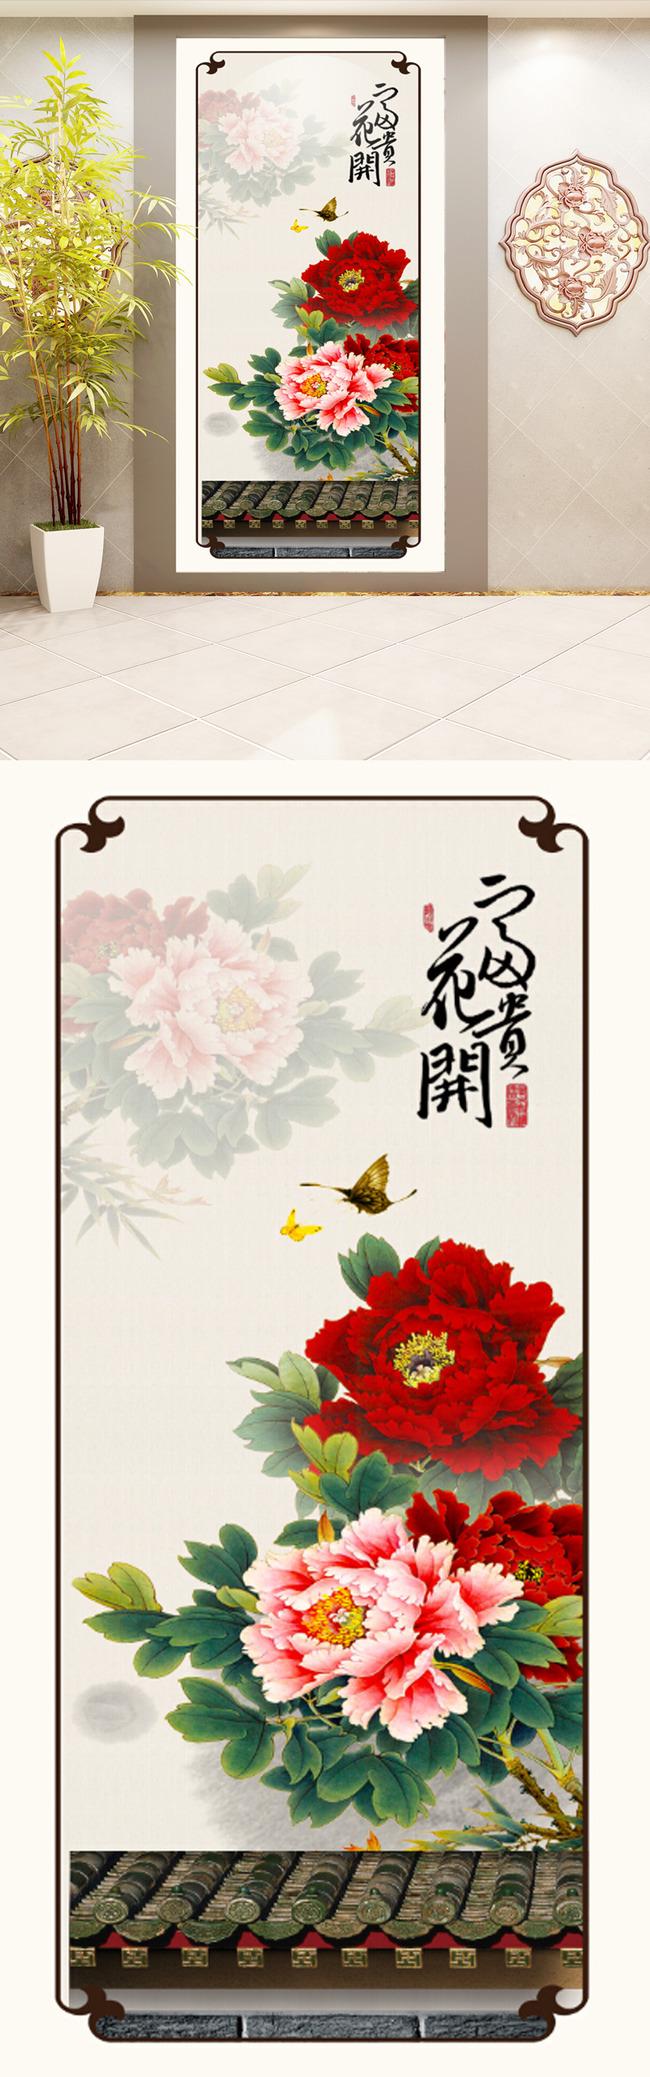 墙画 沙发背景墙 玄关背景墙 牡丹花 国色天香 中式 花开富贵 屋檐图片